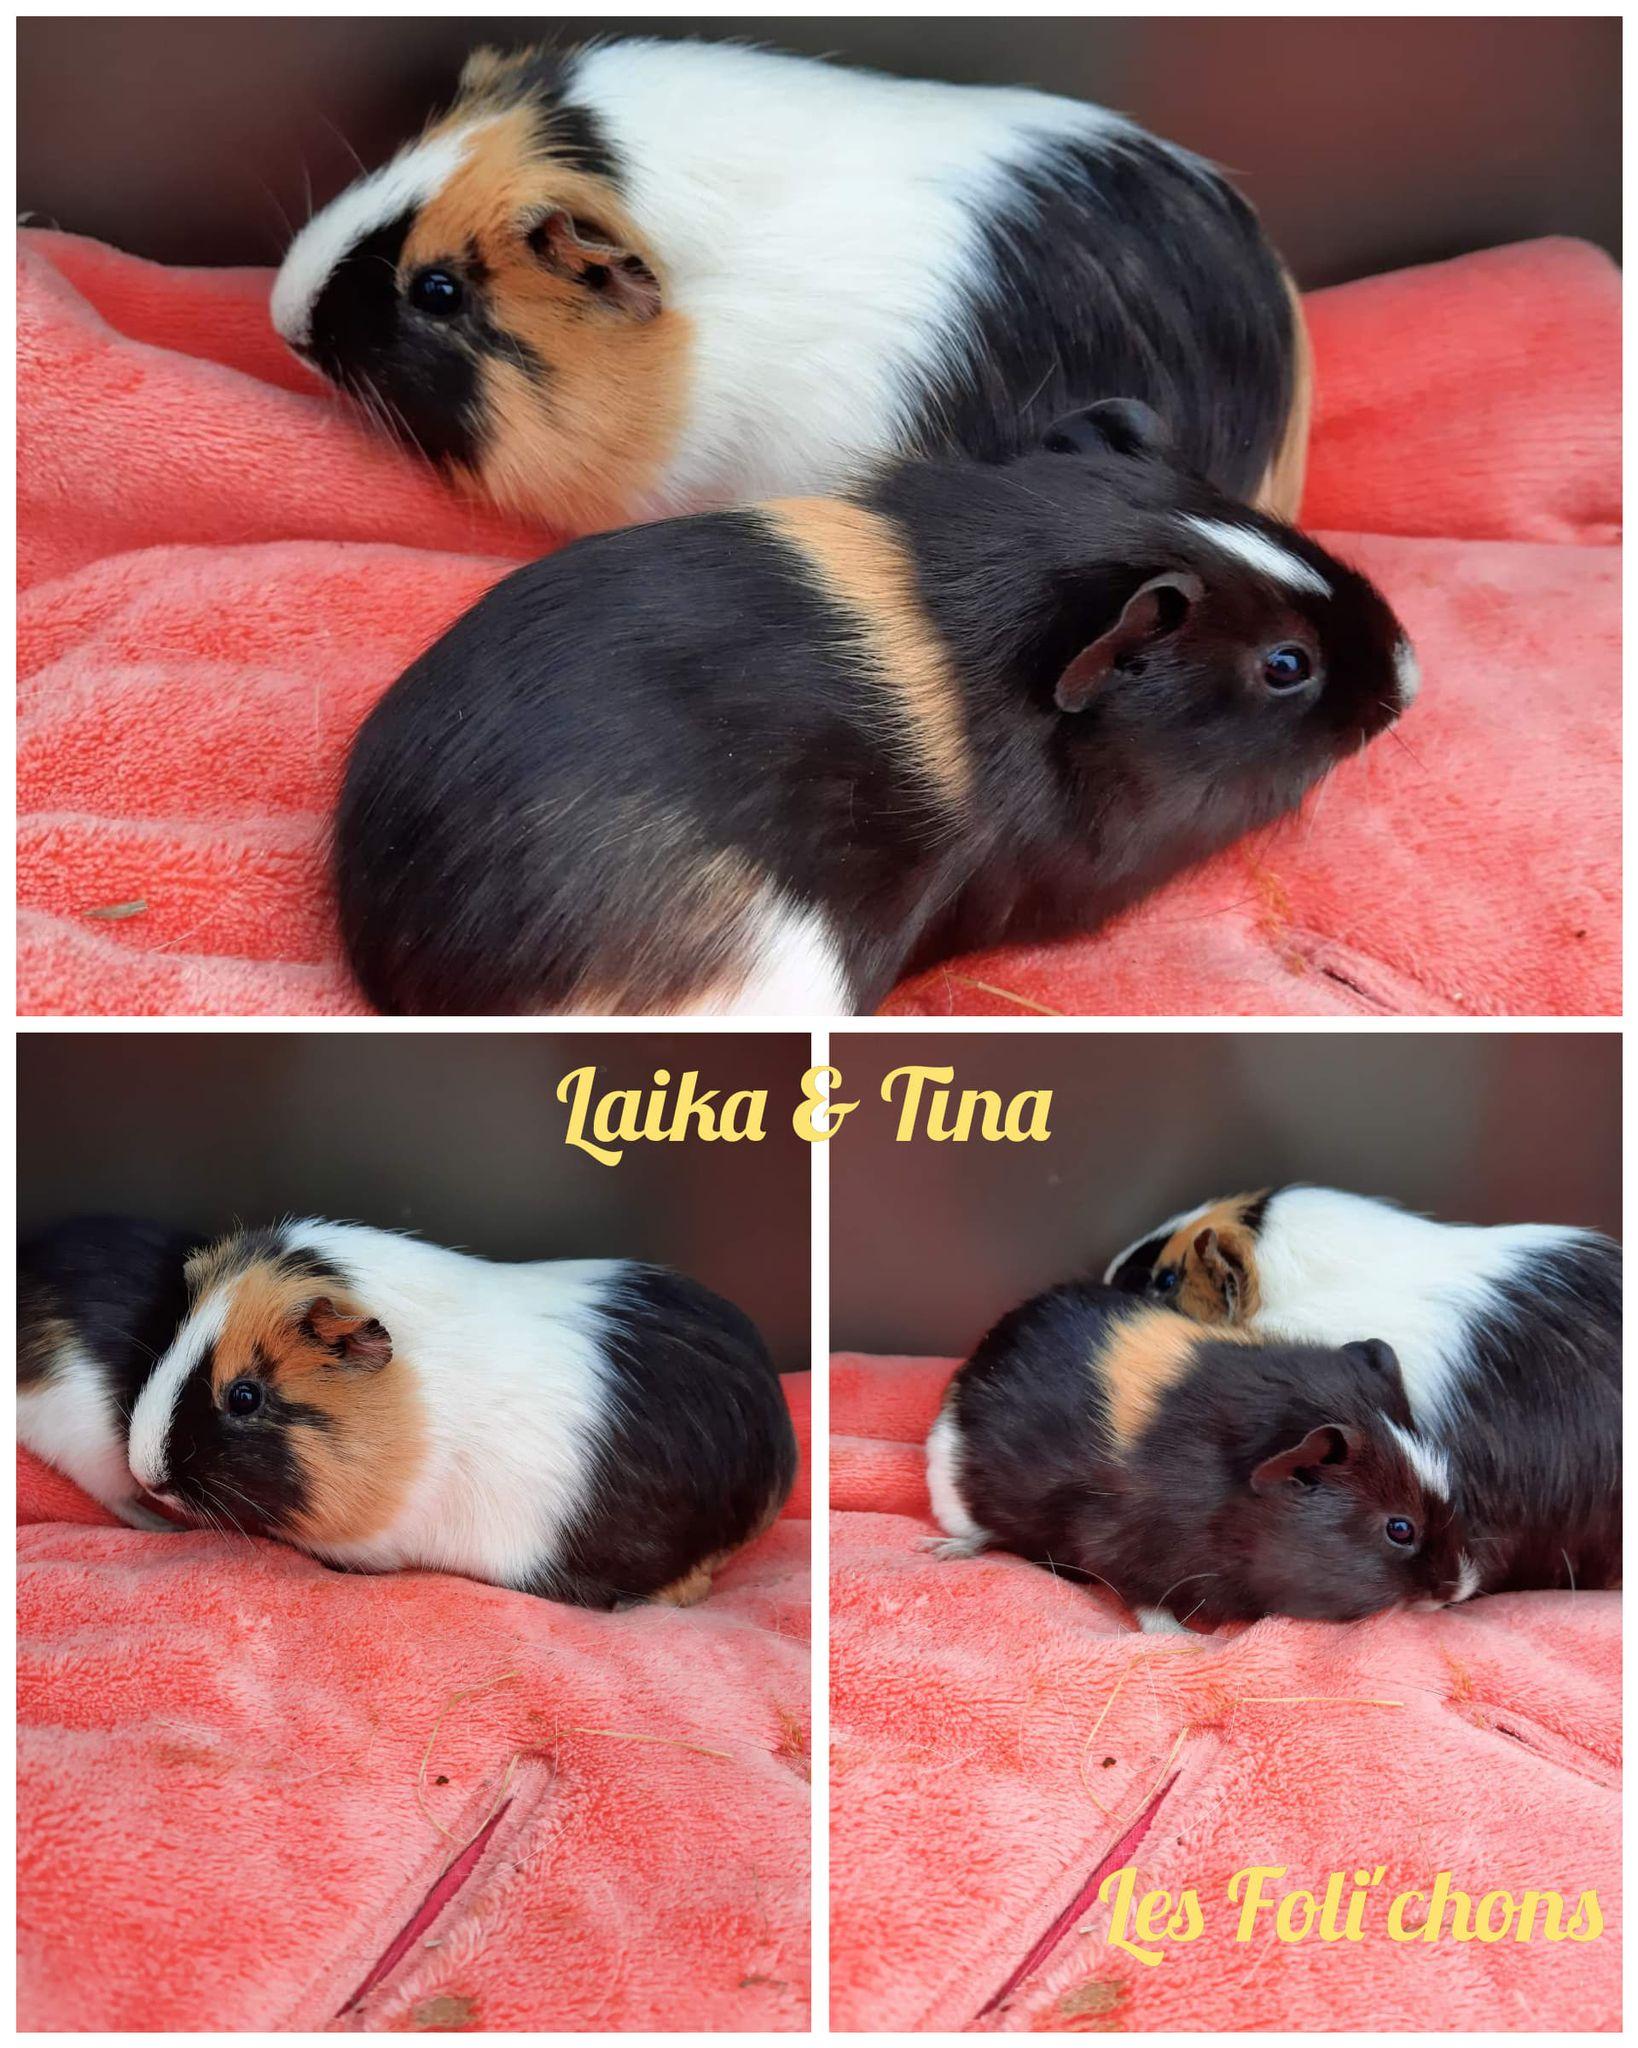 Laika & Tina